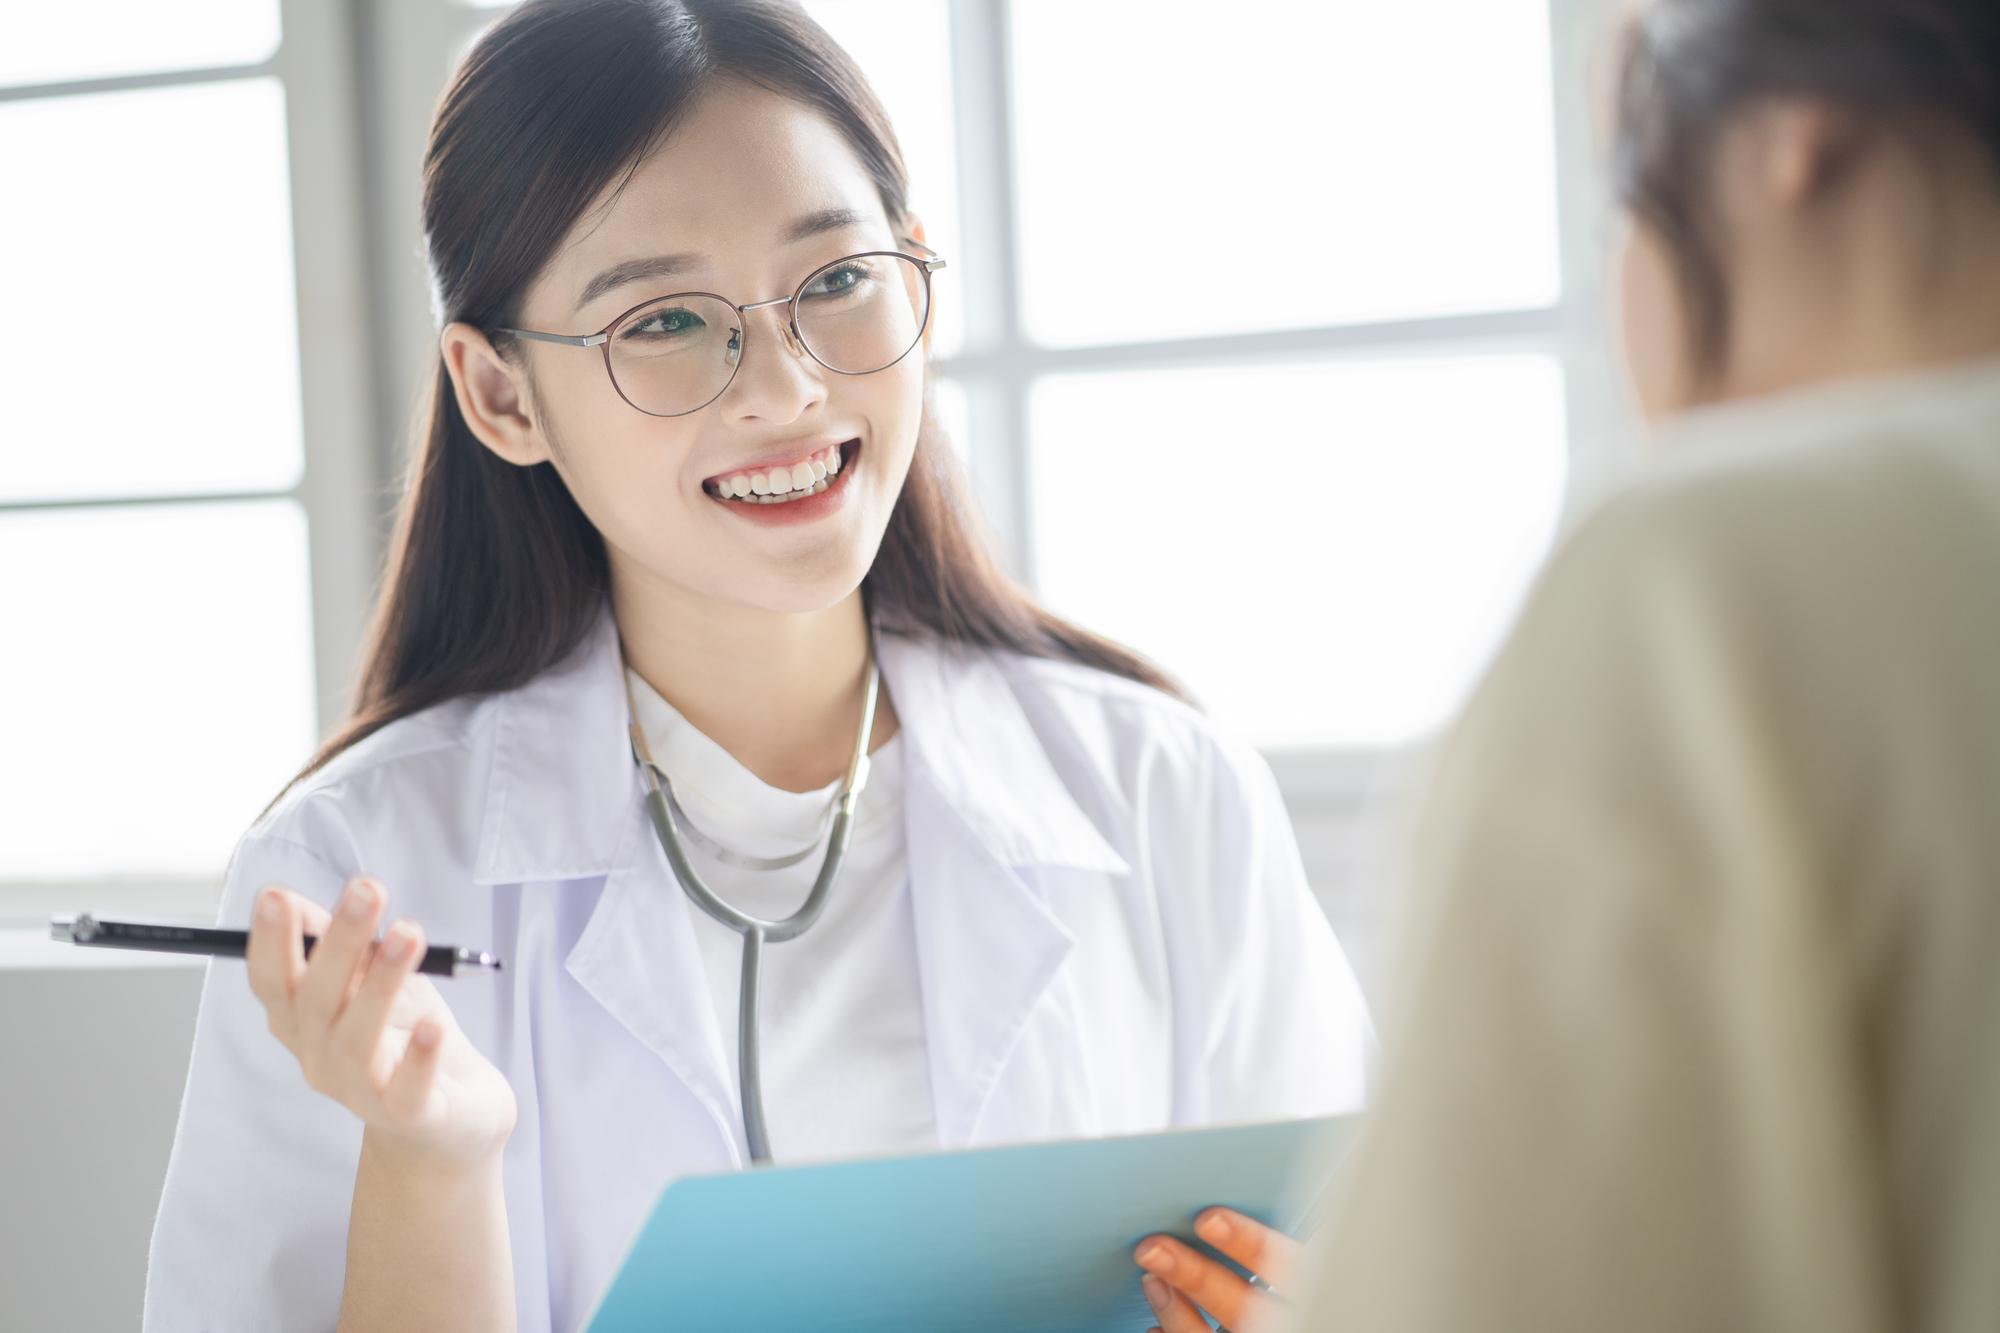 女性専門医による内視鏡検査が受けられます